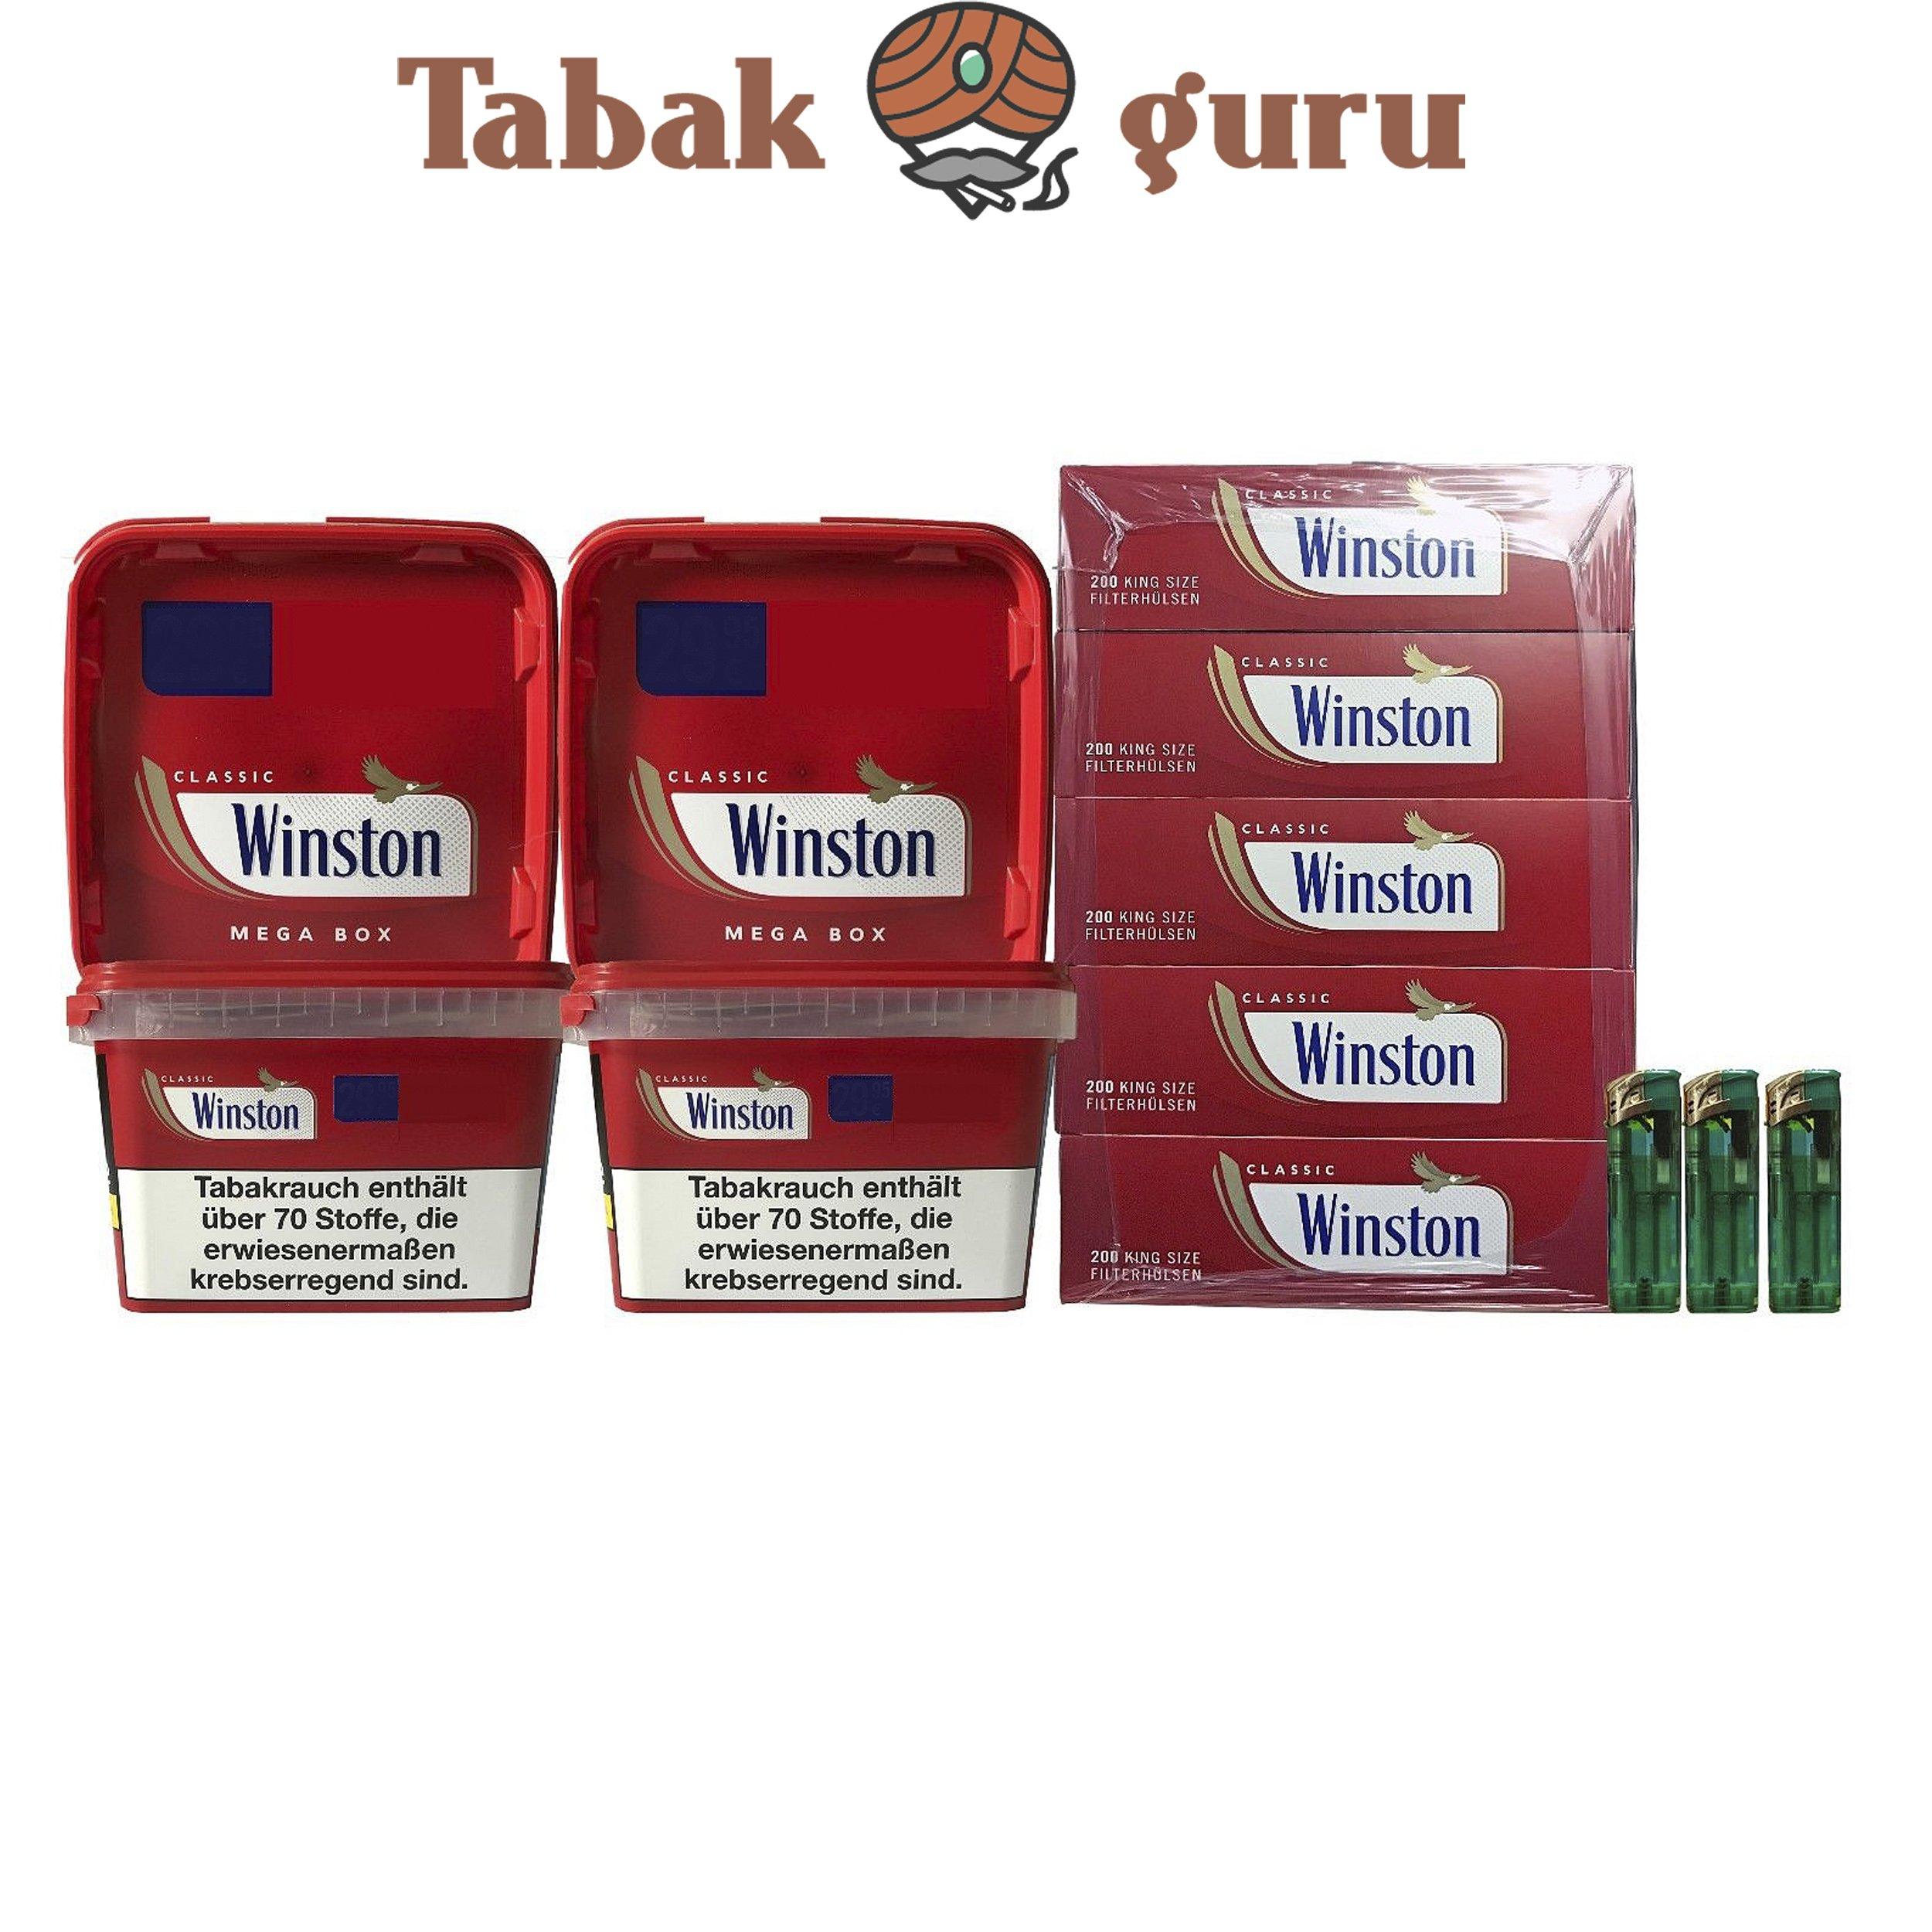 4 x Winston Tabak/Volumentabak Mega Boxes 185g, Winston Hülsen, Feuerzeuge